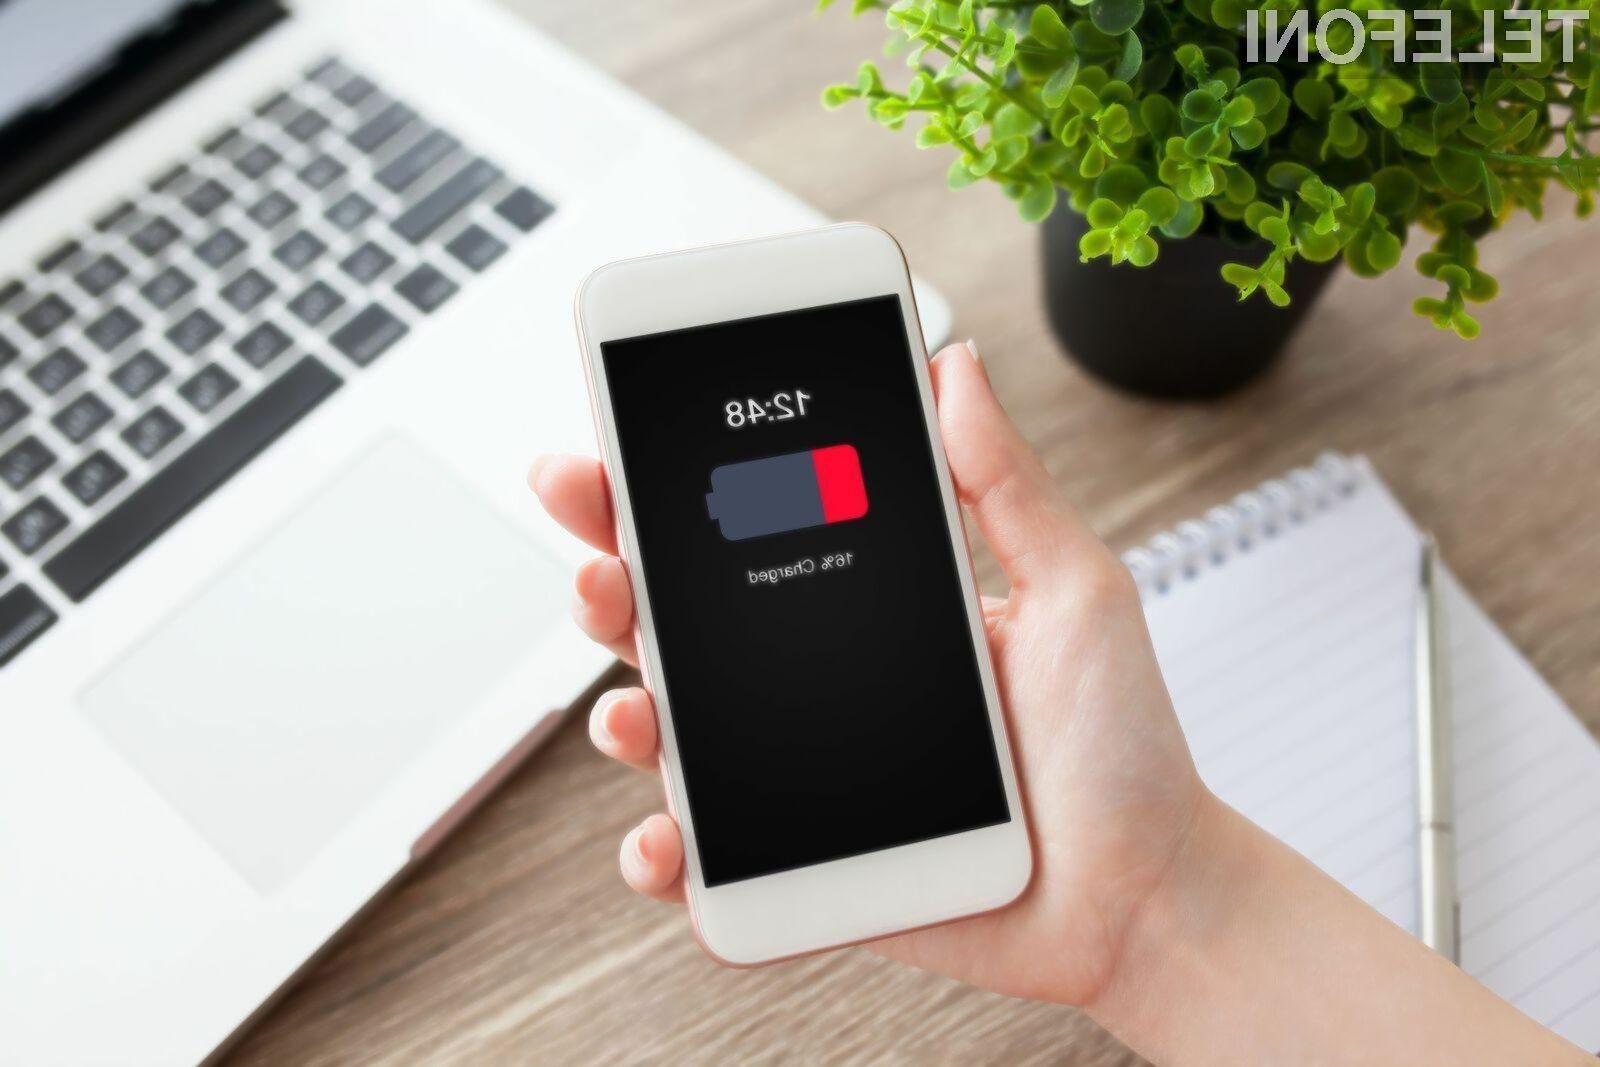 Pet mitov o polnjenju in vzdržljivosti baterij pametnih mobilnih telefonov